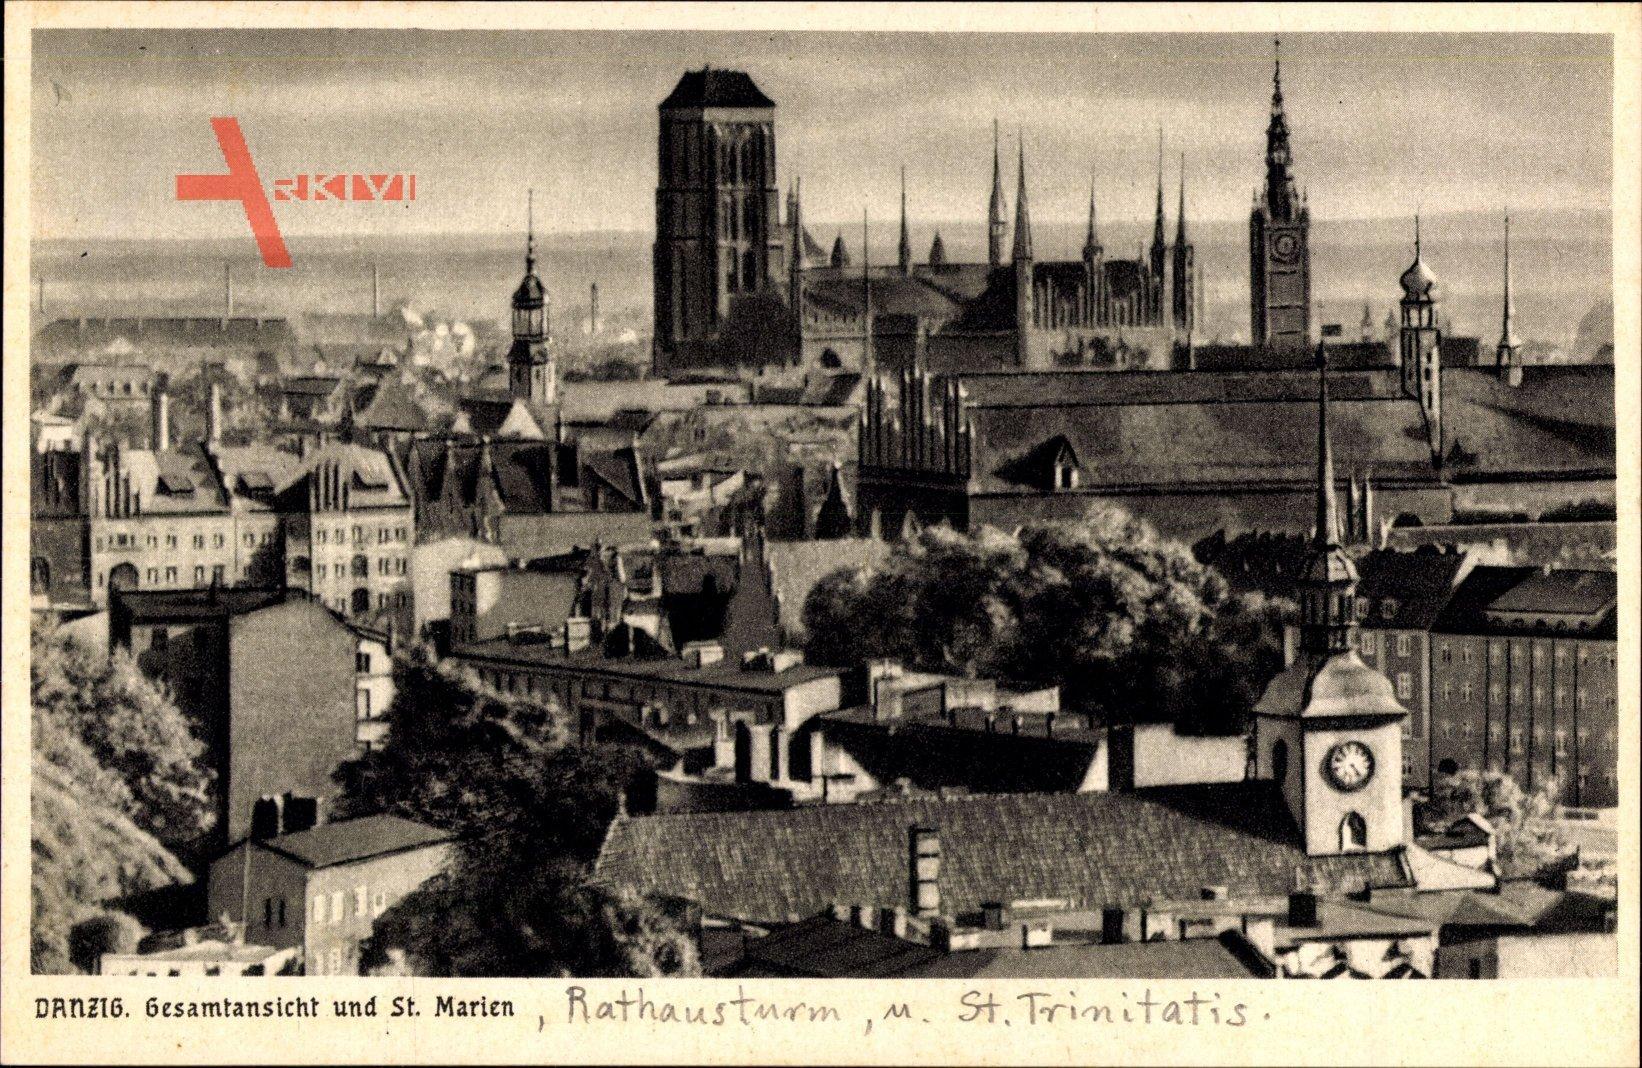 Gdańsk Danzig, Gesamtansicht und Kirche St. Marien, Rathausturm